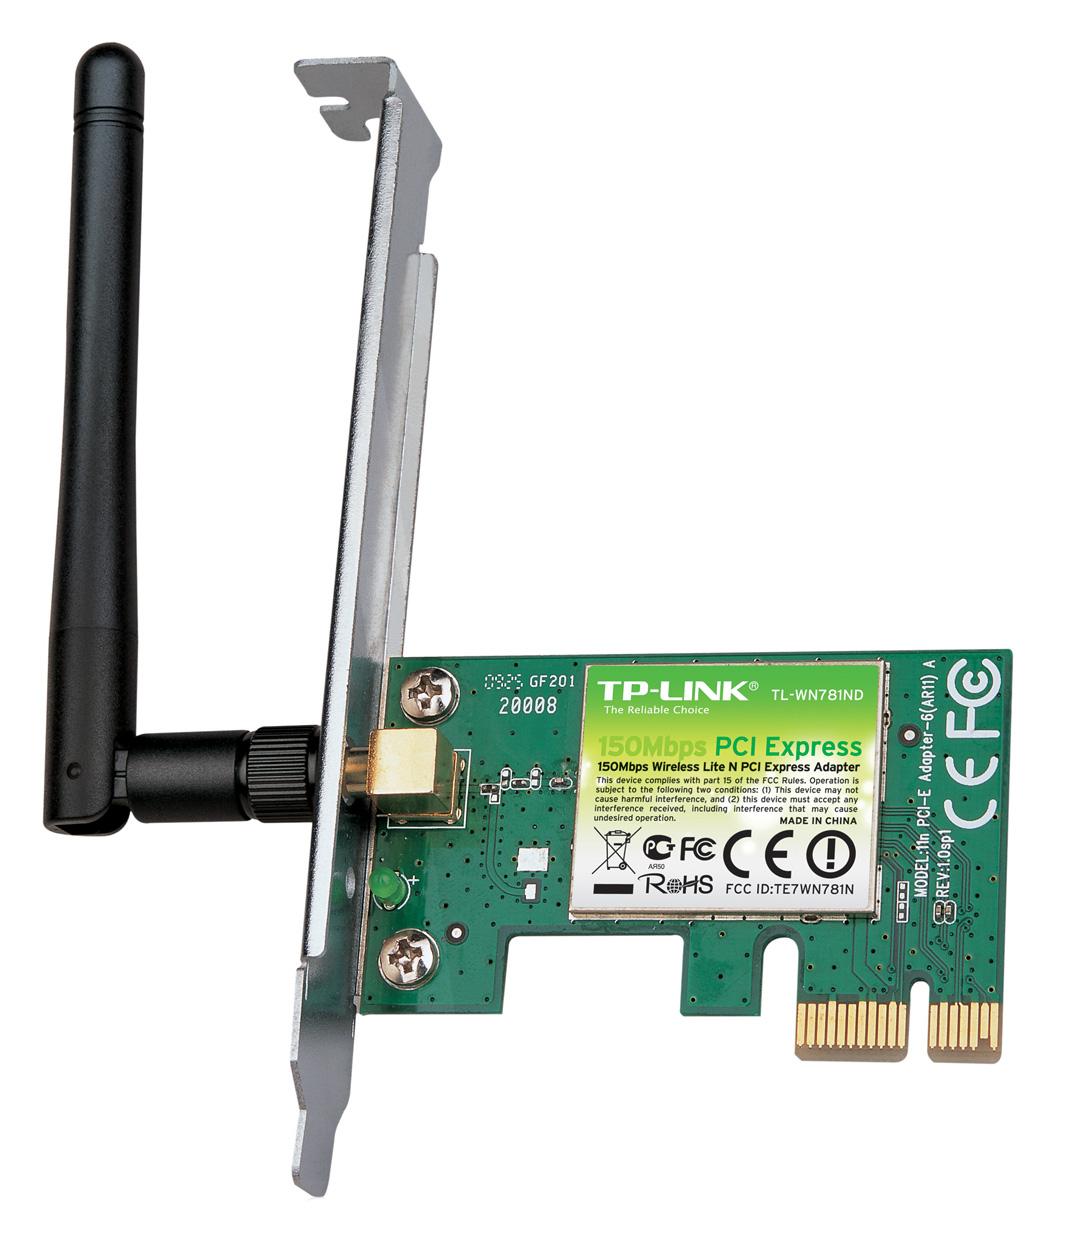 Купить TP-Link TL-WN781ND - Wi-Fi адаптер (Black)